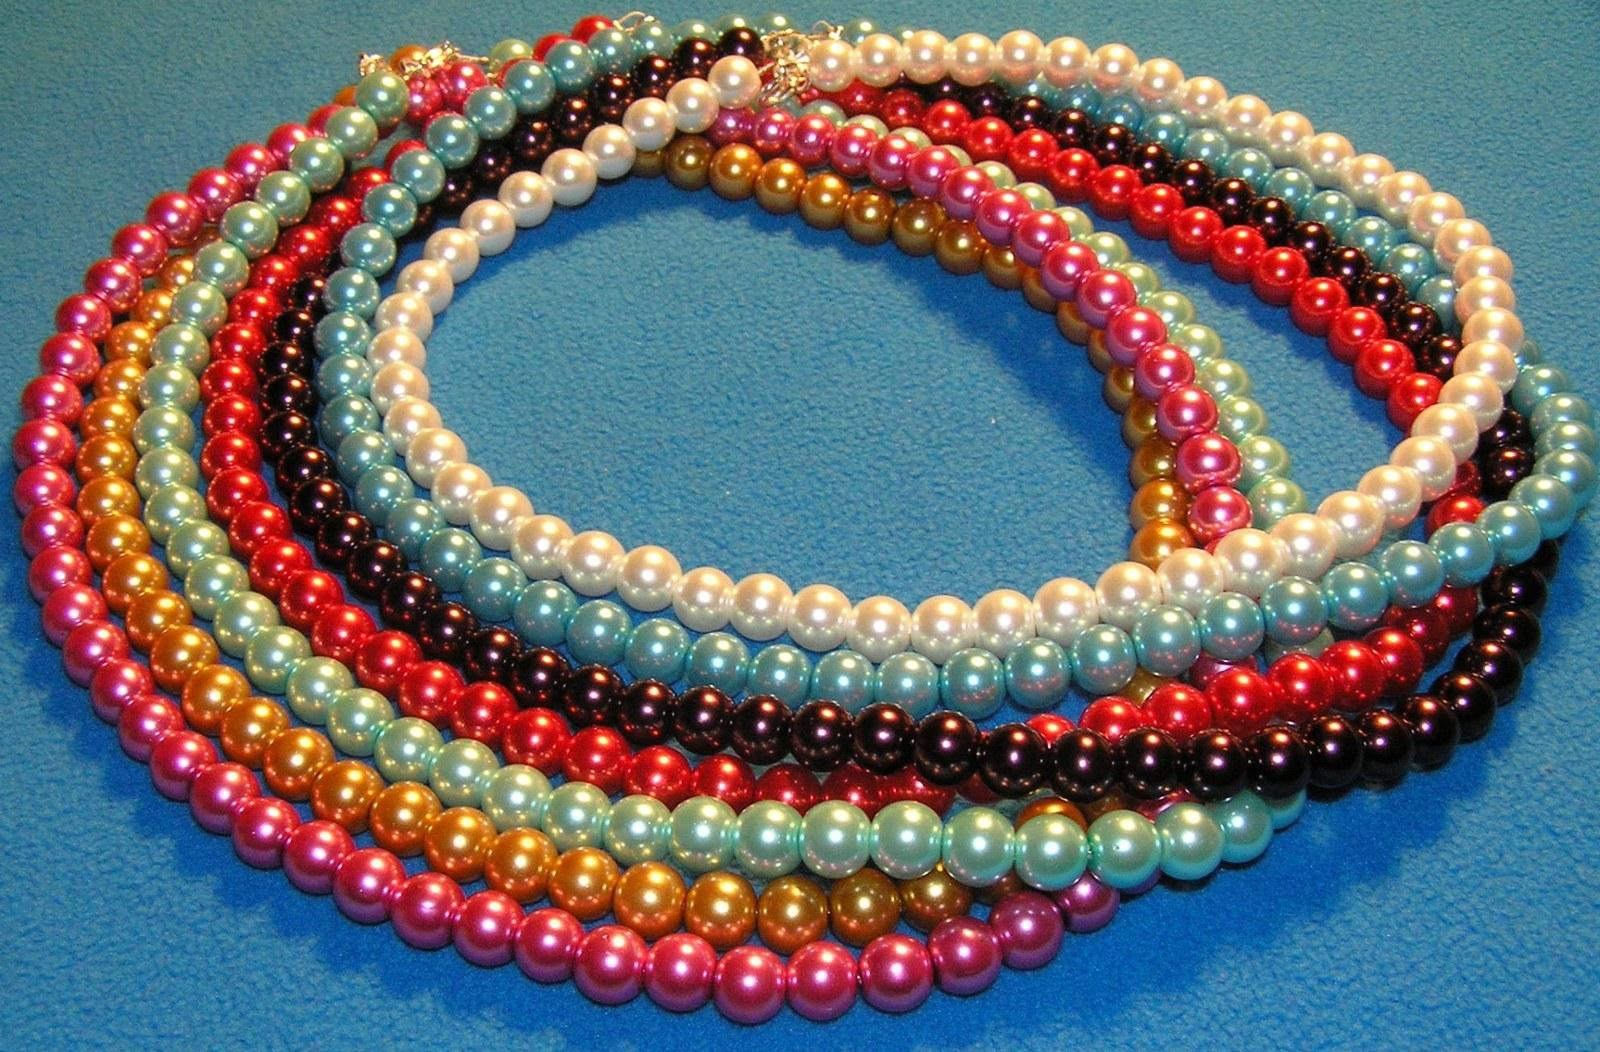 Jednoduchý barevný plesový/svatební náhrdelník - Obrázek č. 1